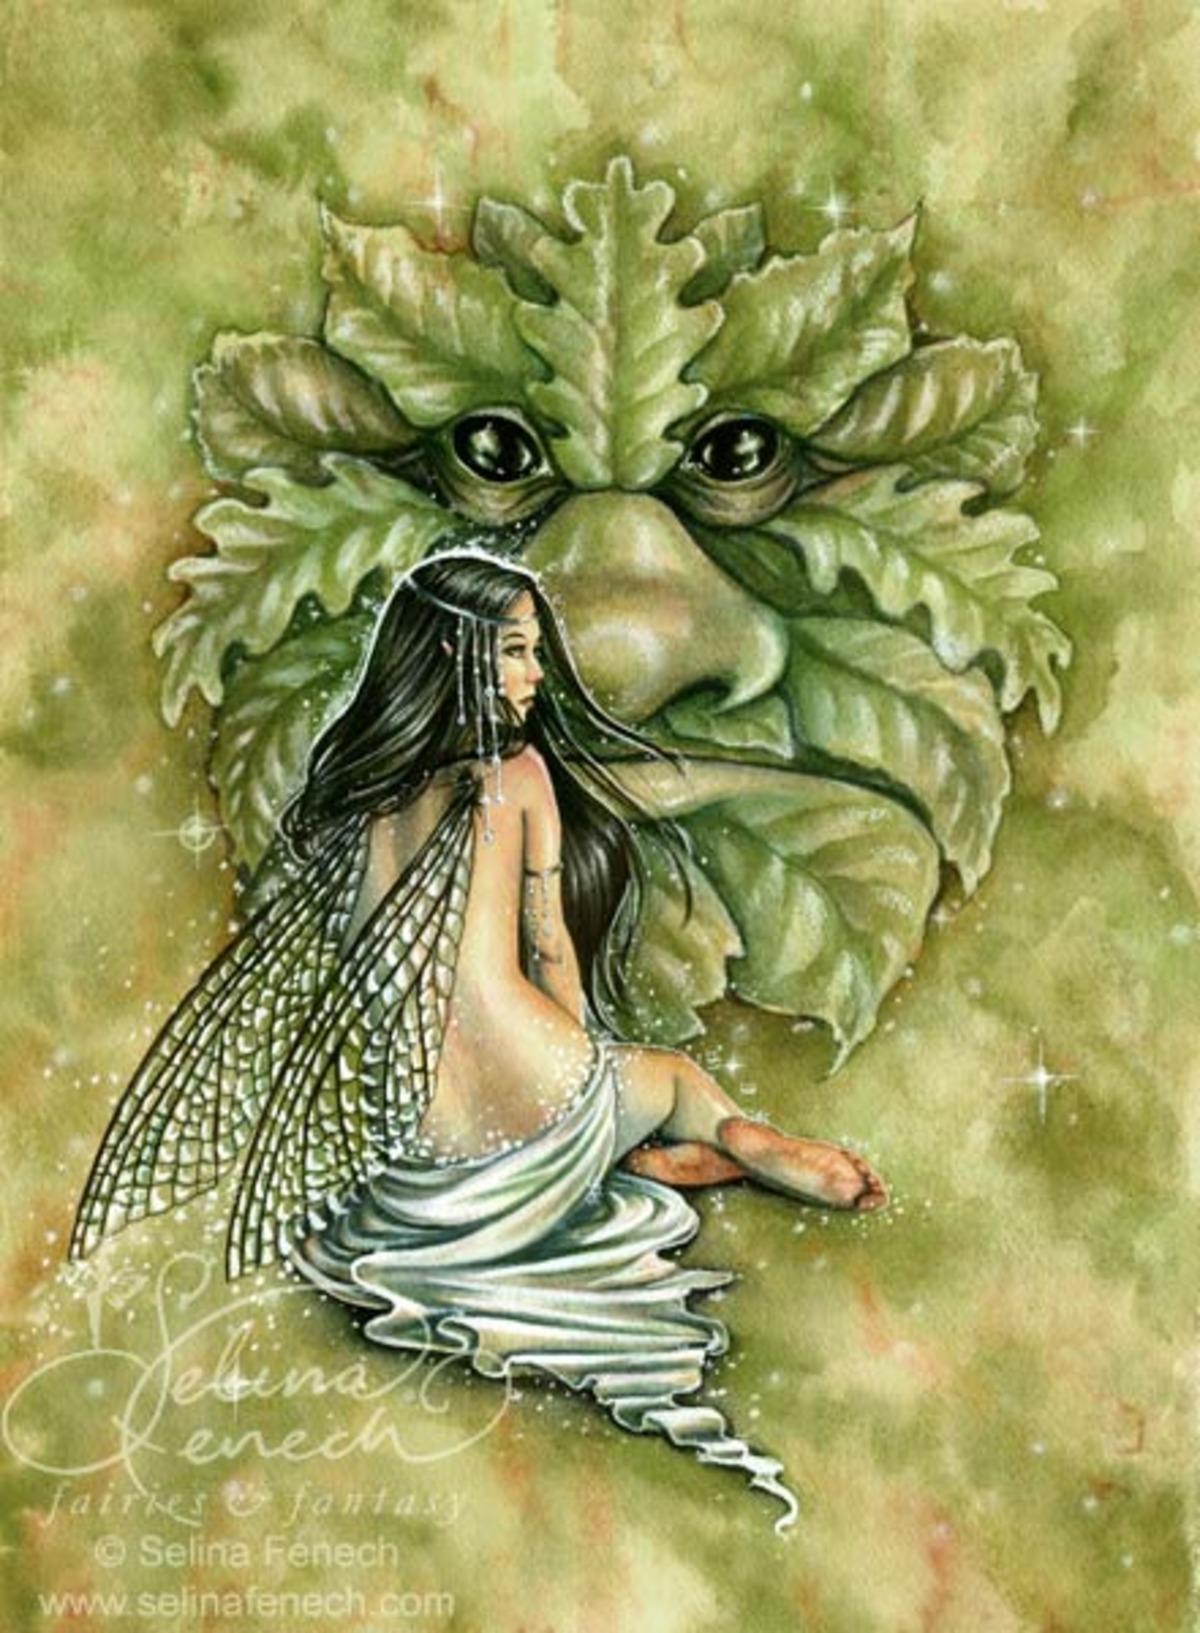 Greenman's Bride